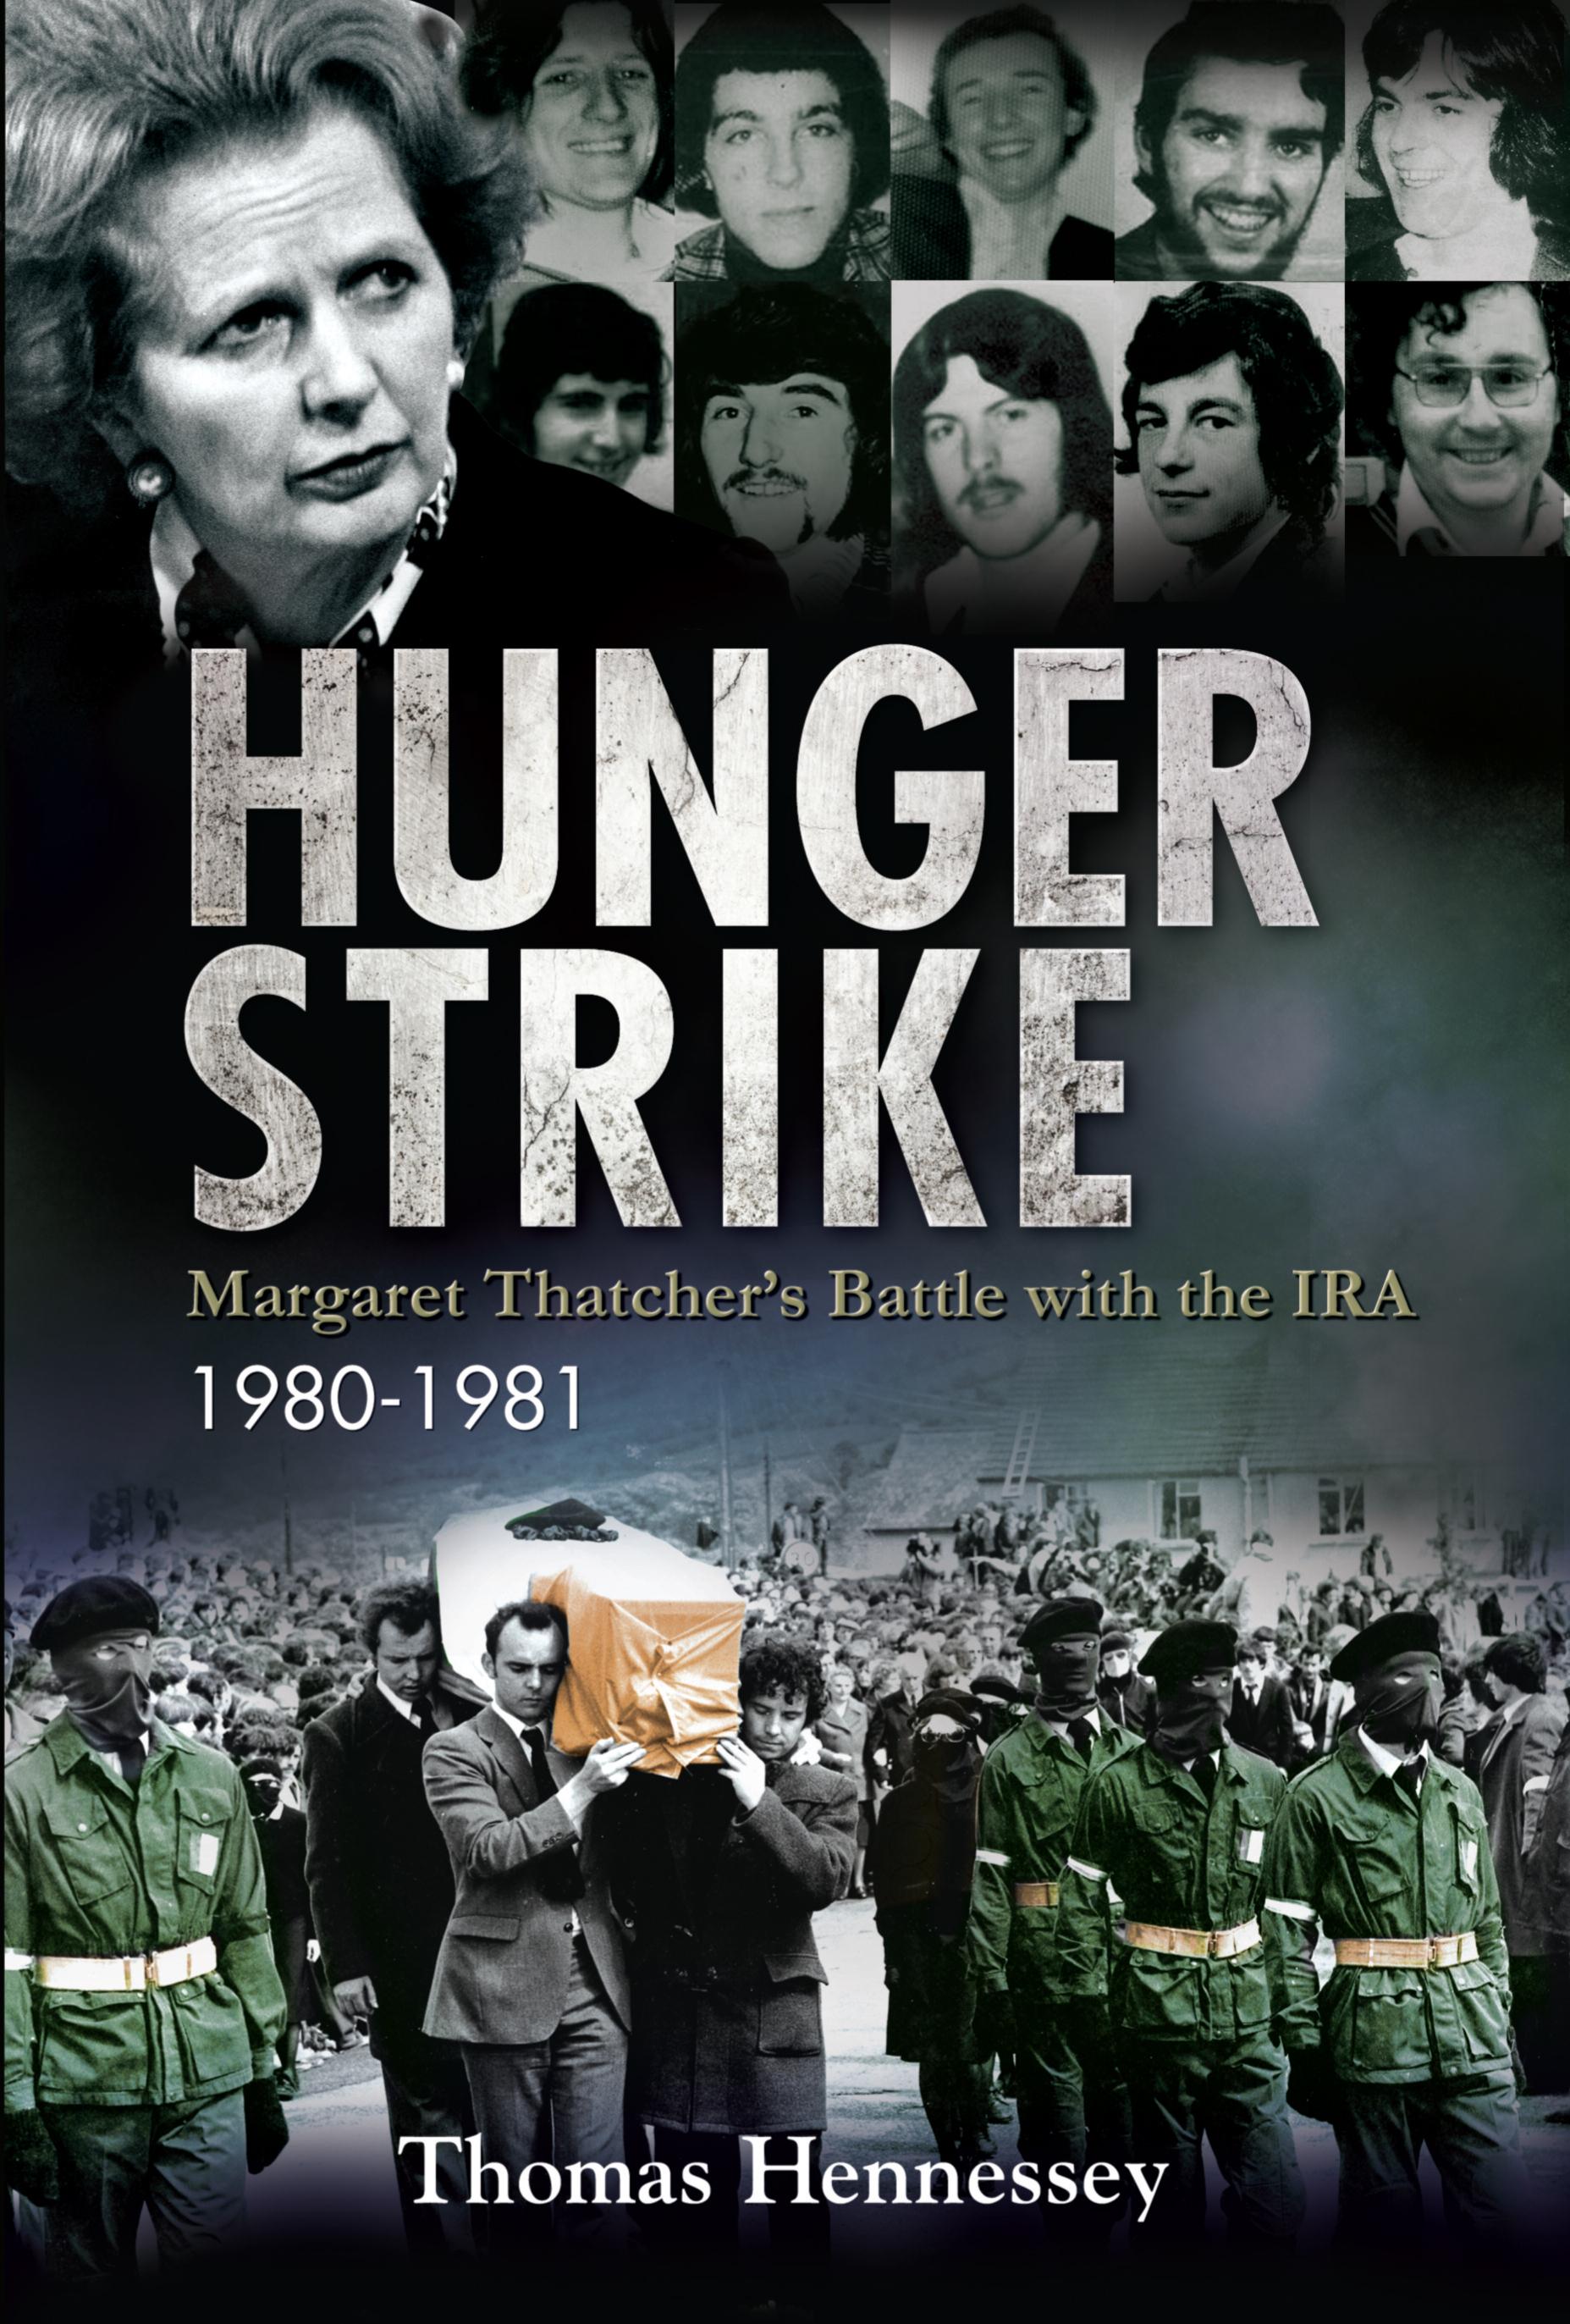 Sultestreik var et våpen som fengslede IRA-medlemmer benyttet seg av, og det medførte en rekke voldelige aksjoner. Jernkvinnen Margaret Thatcher var ikke den som ga seg først. Her fra en bok om temaet av Thomas Hennessey.